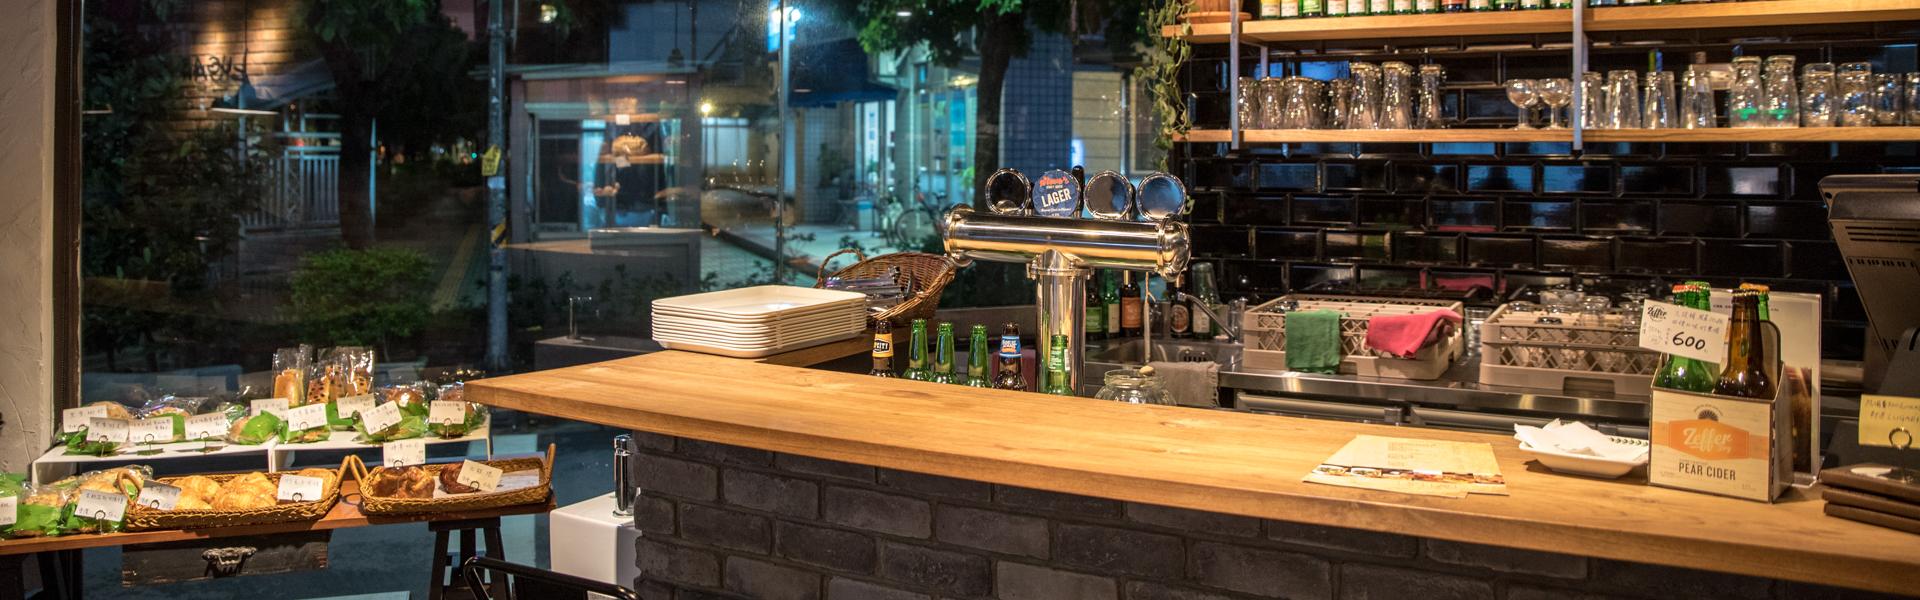 麵包加啤酒,買個微醺的麵包香 -  Lugar Bakery & Bar 老家麵包 . 啤酒吧